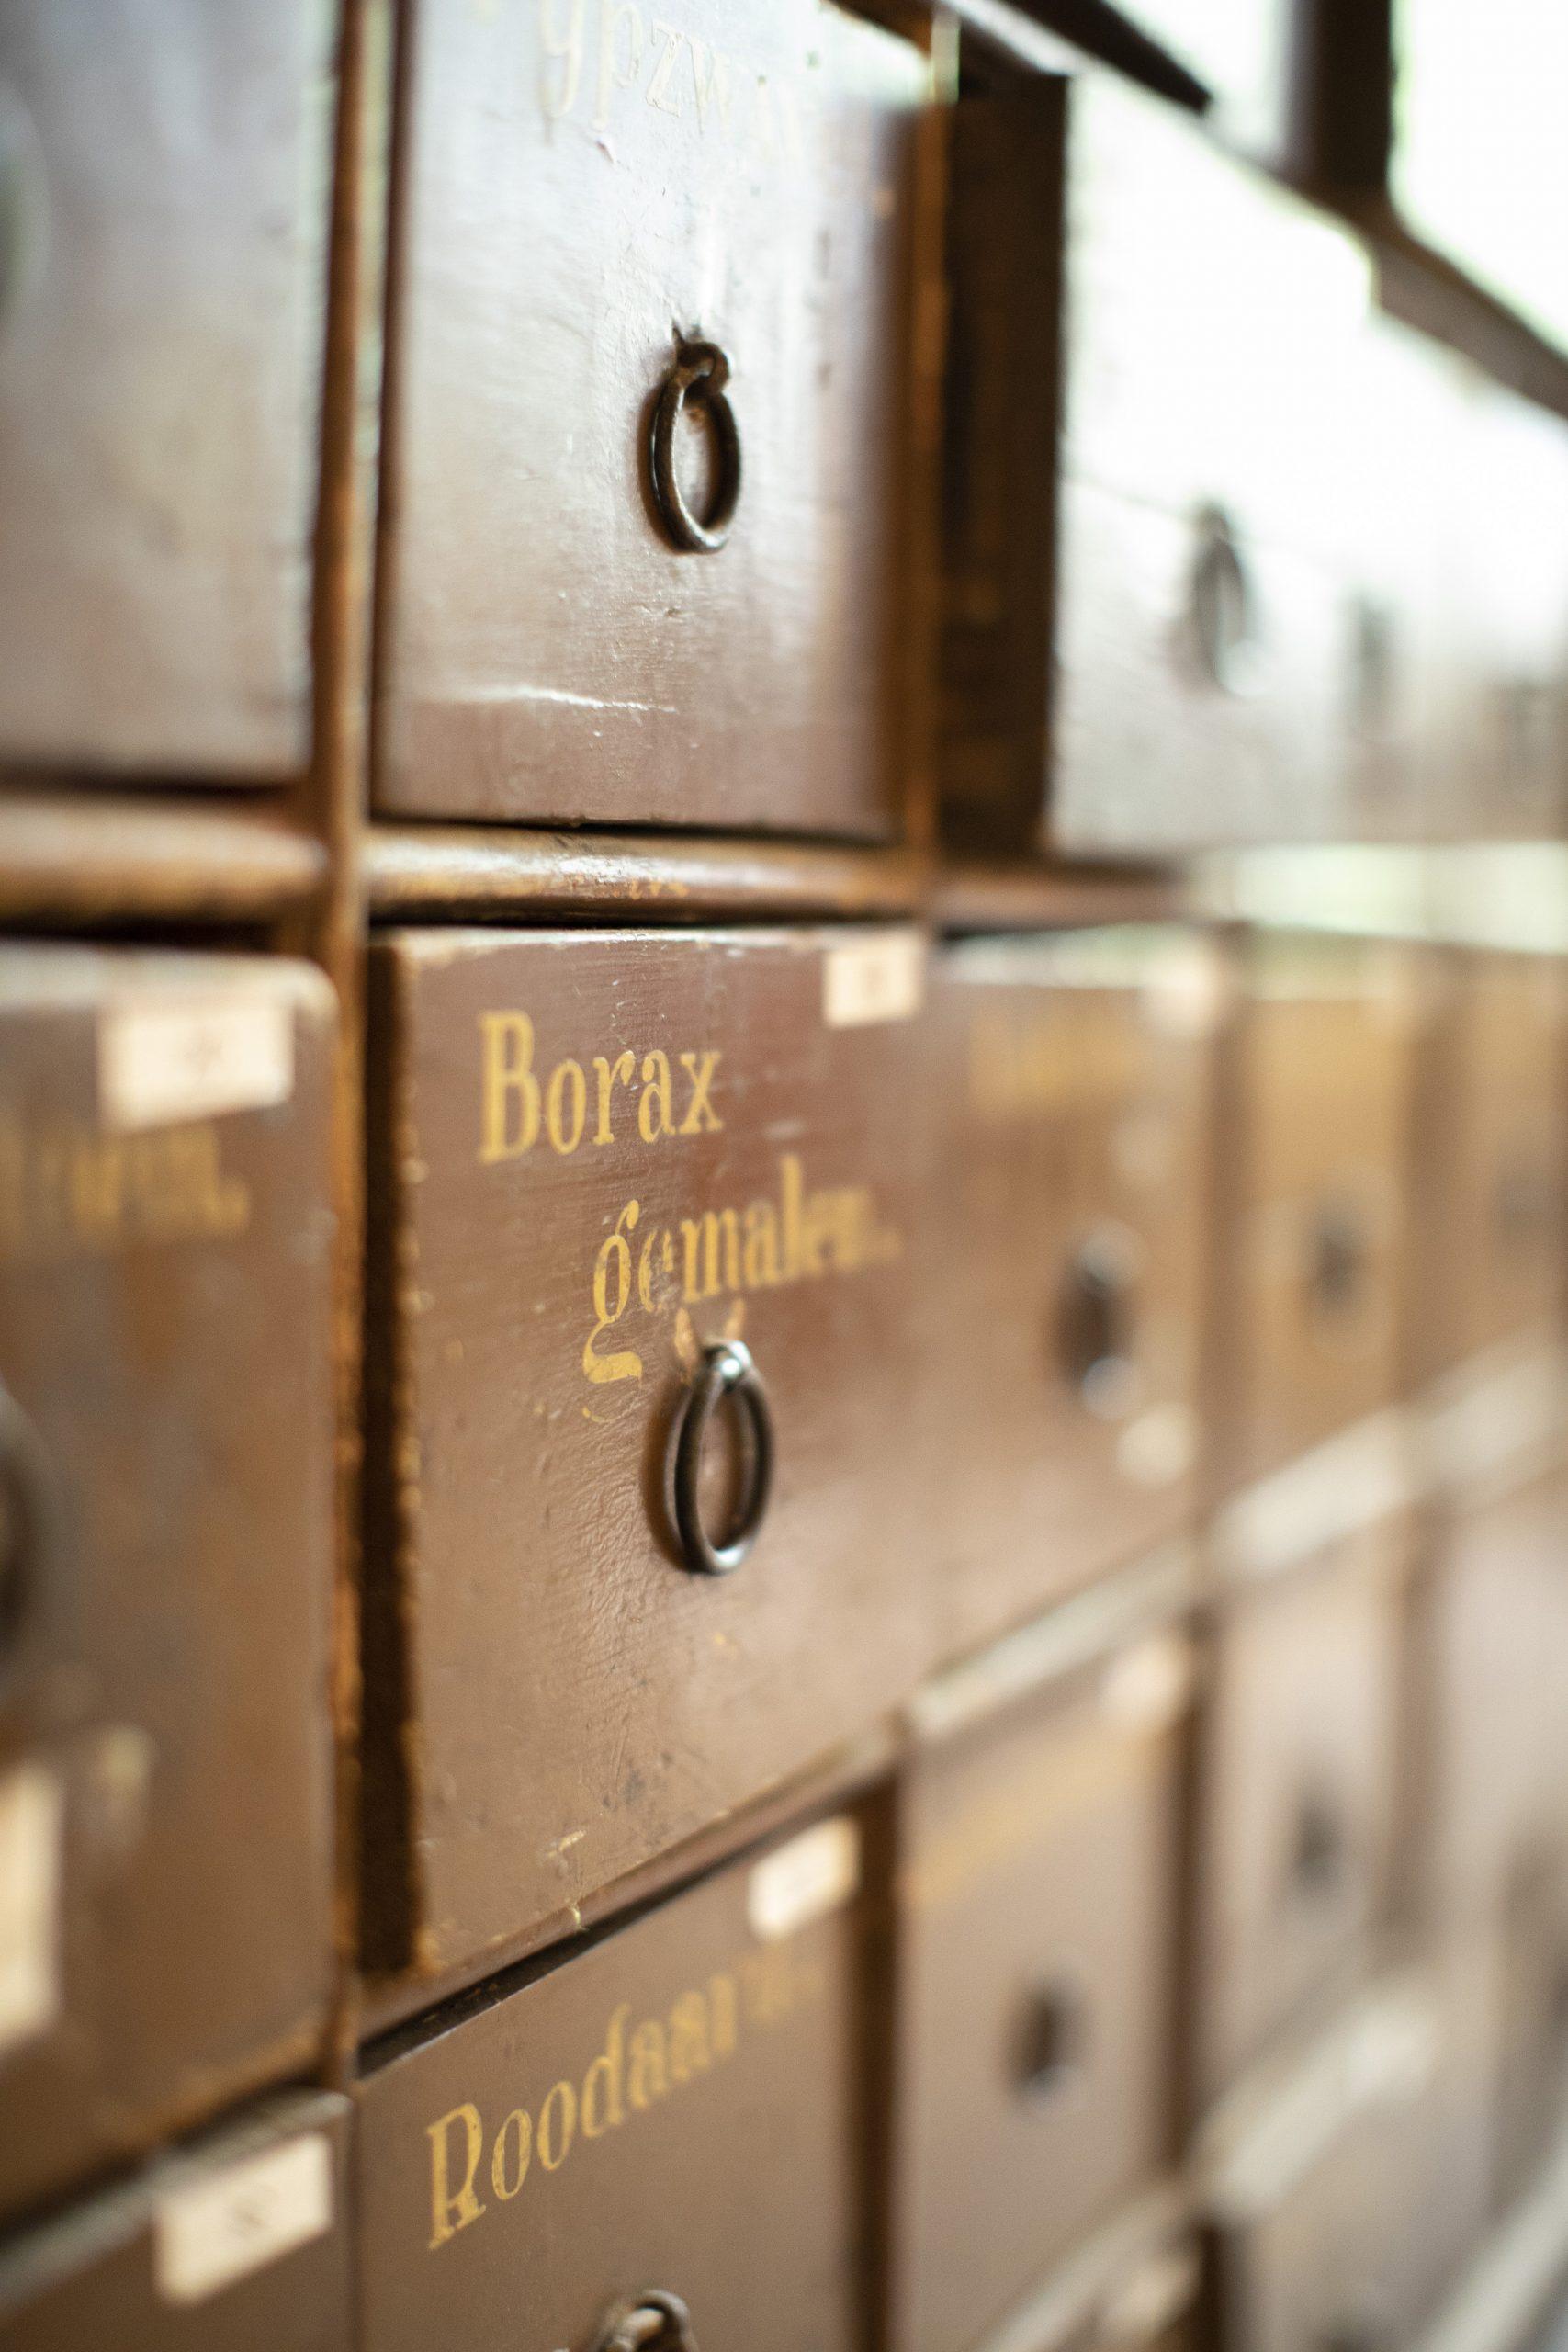 Houten lade in drogistwinkel met opschrift Borax